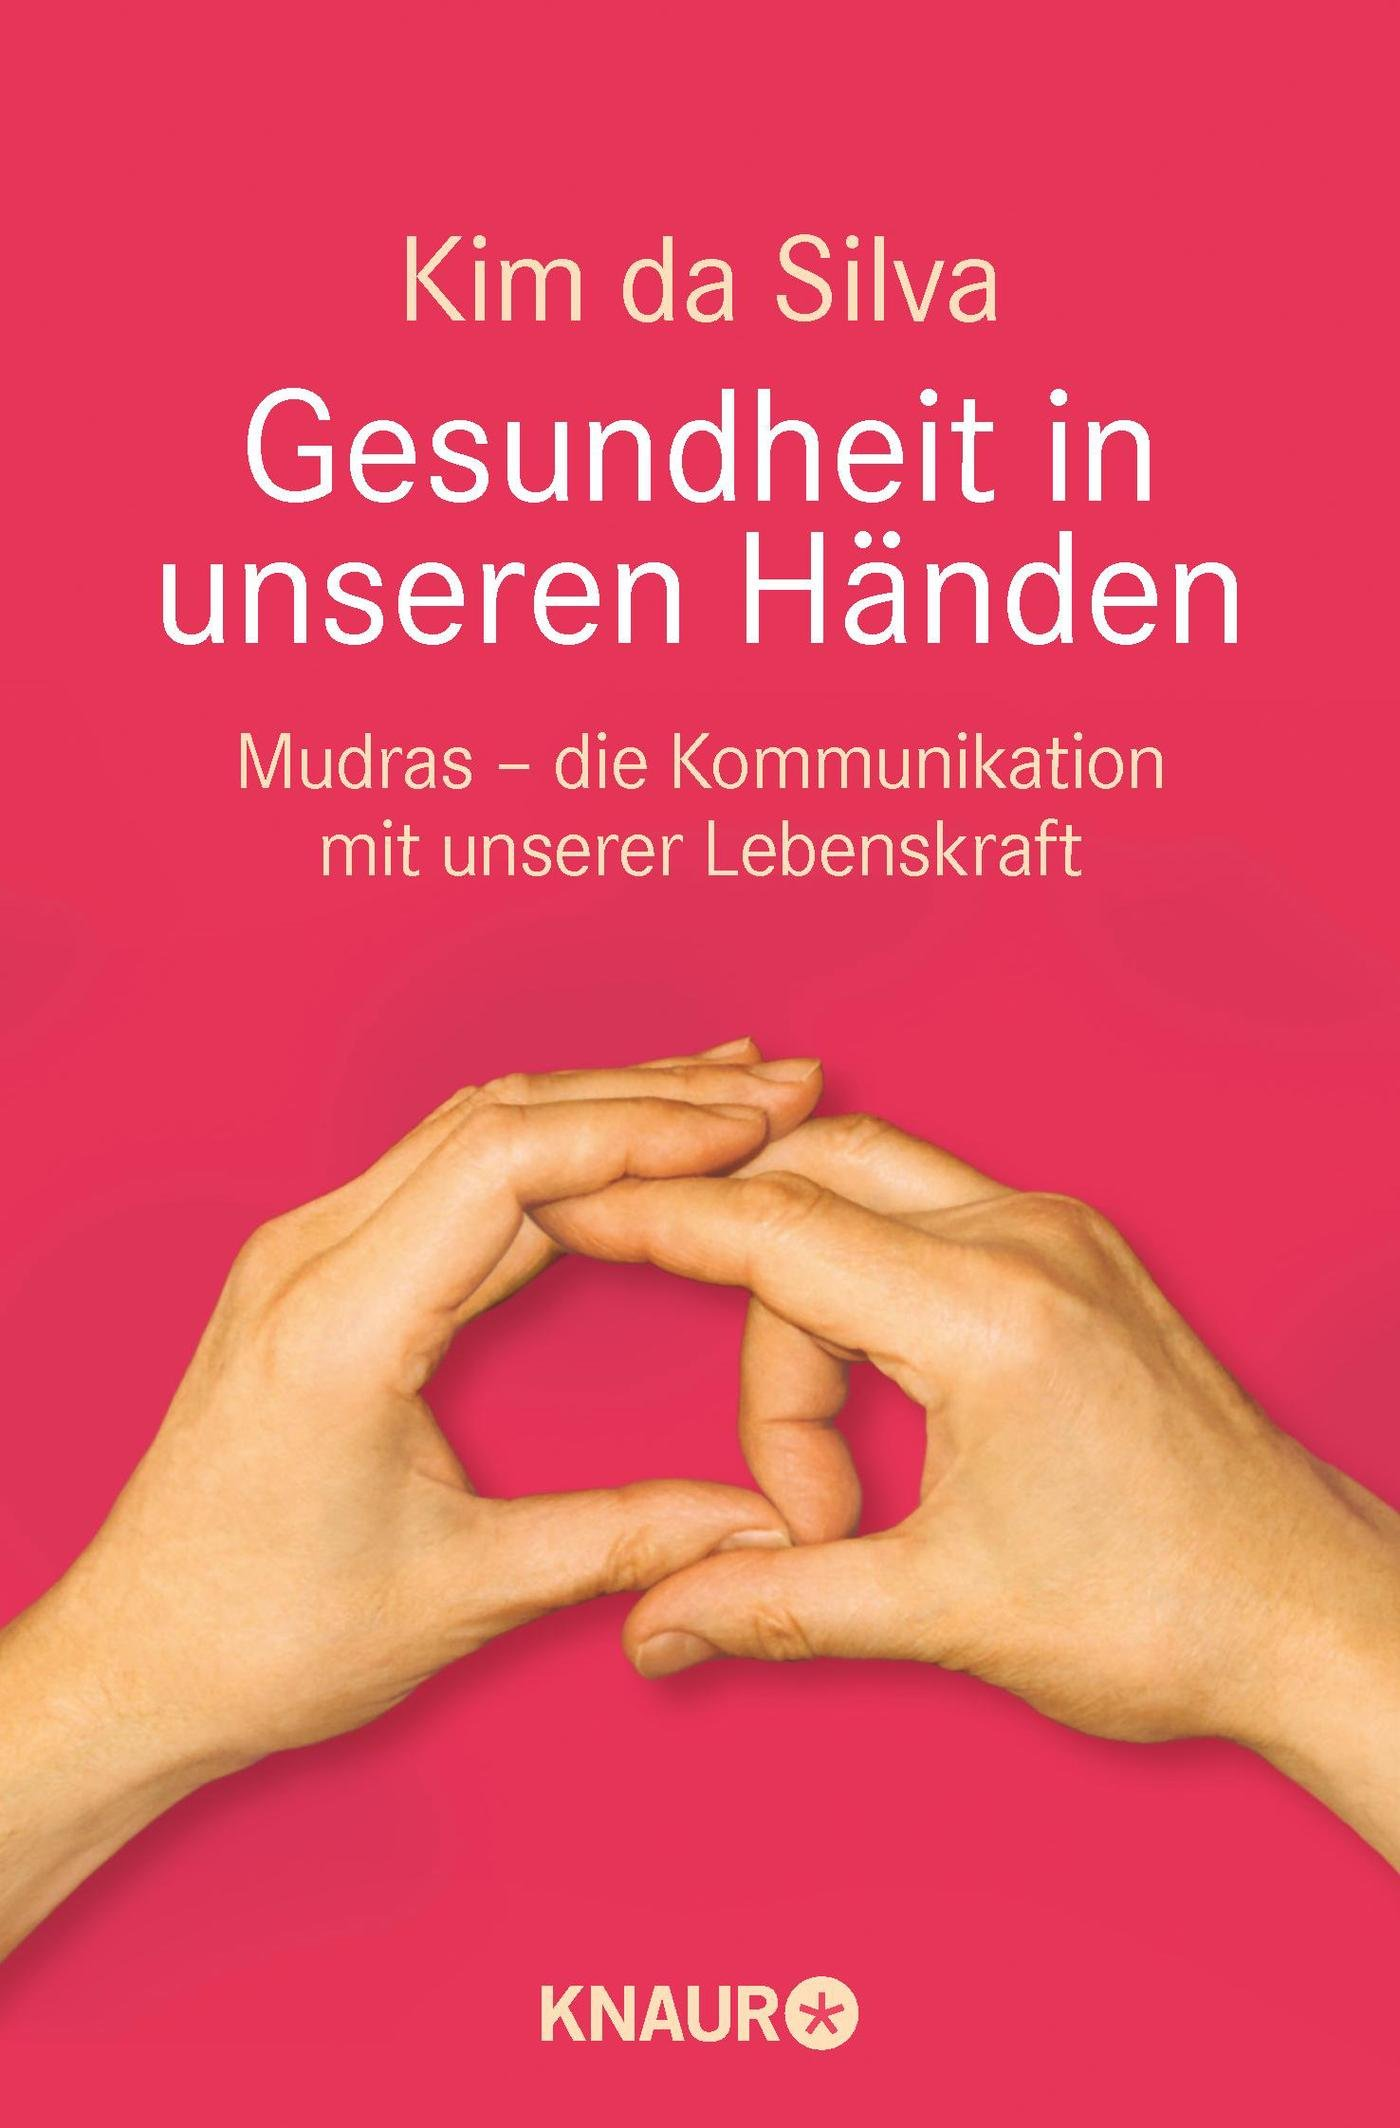 Gesundheit in unseren Händen: Mudras - die Kommunikation mit unserer Lebenskraft Taschenbuch – 1. Januar 2008 Kim da Silva Knaur MensSana TB 342687394X Ratgeber Gesundheit